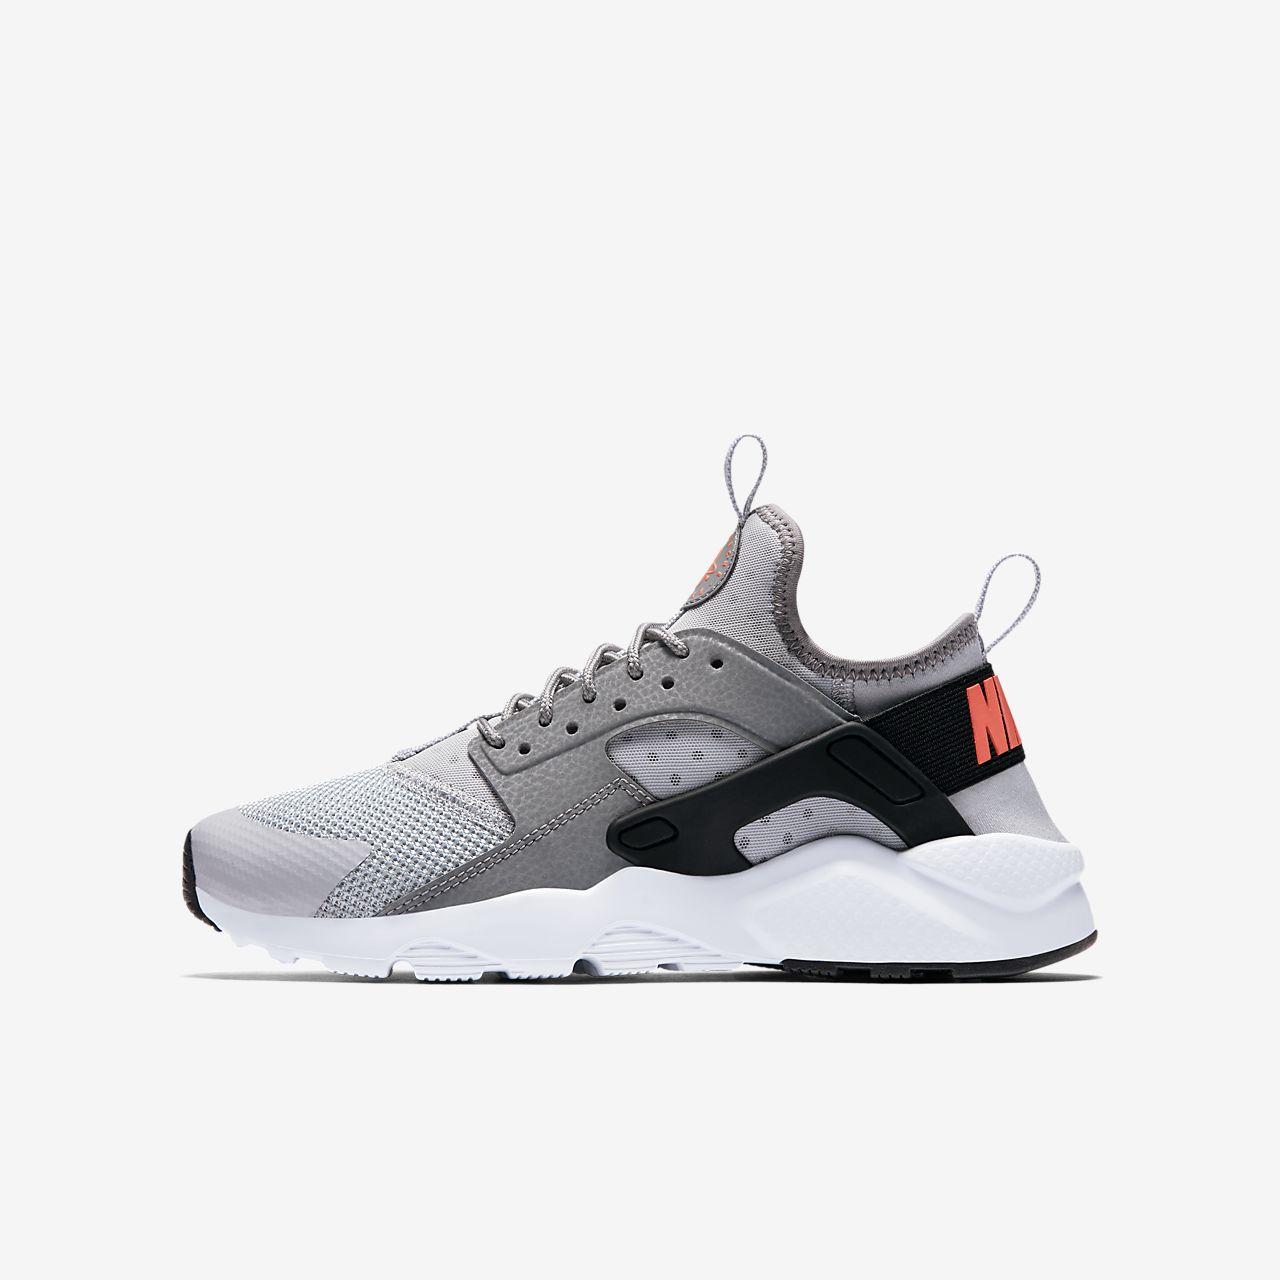 Chaussures Nike Air Huarache Casual garçon iEcUq9